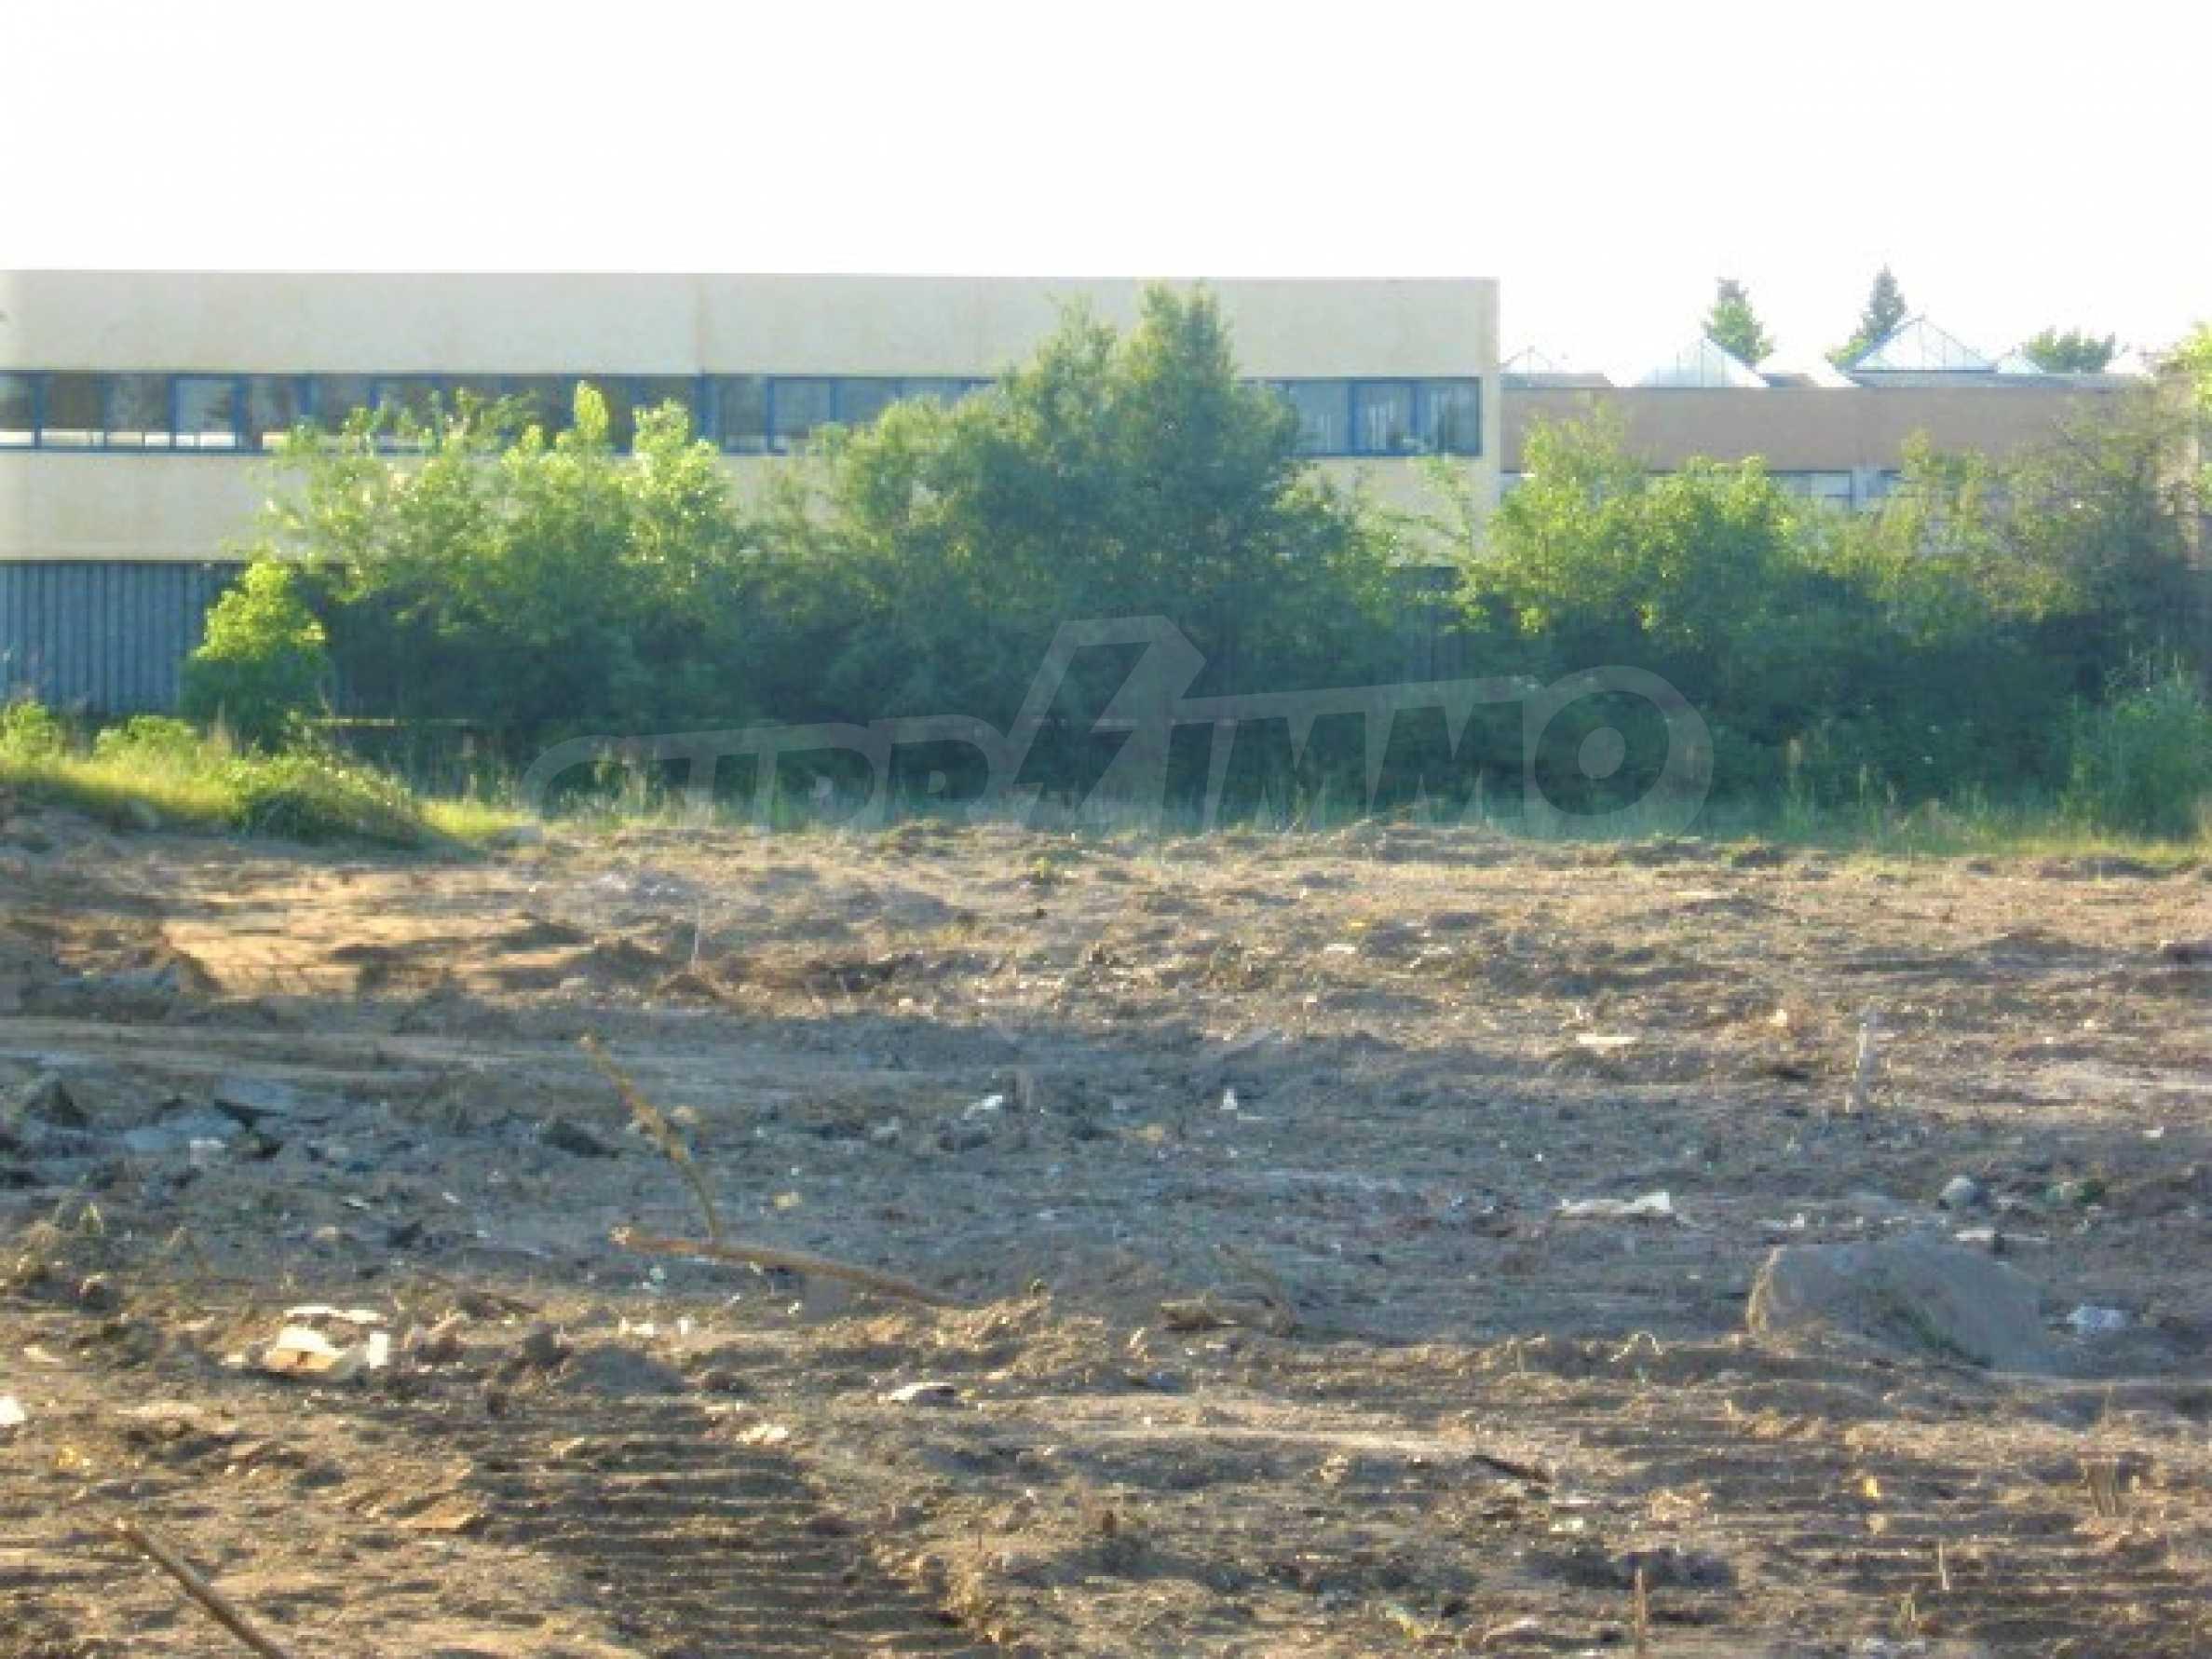 Участок под промышленное строительство в Южной индустриальной зоне г. Видин 7